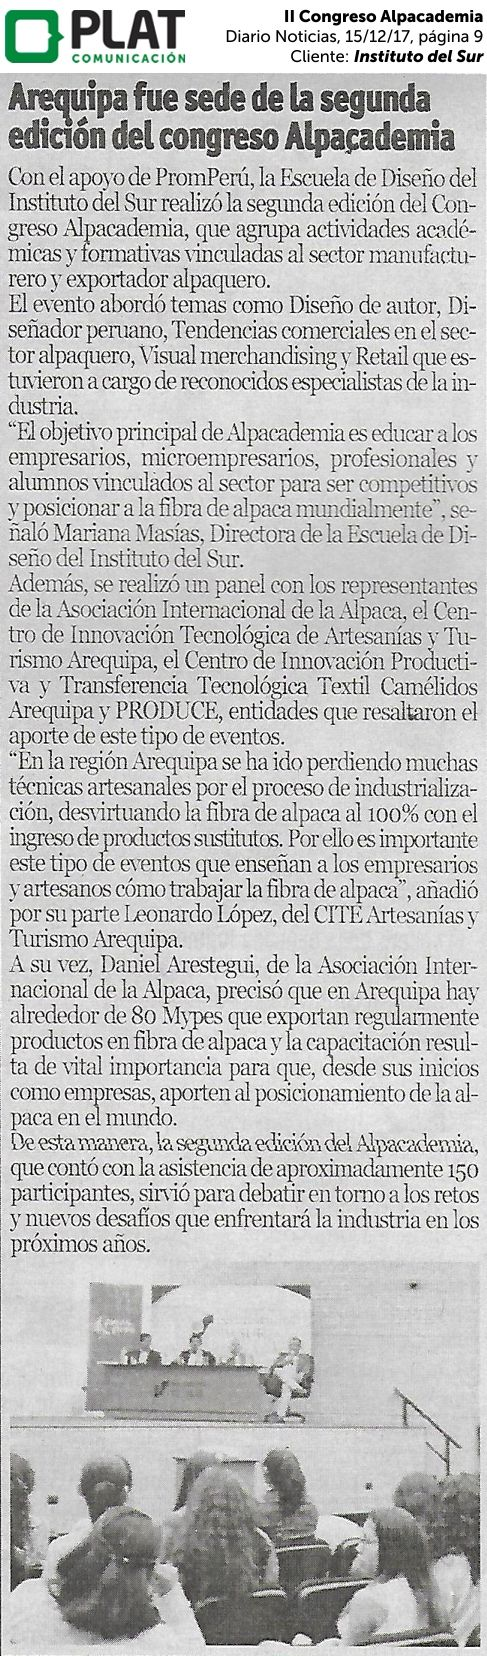 Instituto del Sur: II Congreso de Alpacademia en el diario Noticias de Perú (15/12/17)